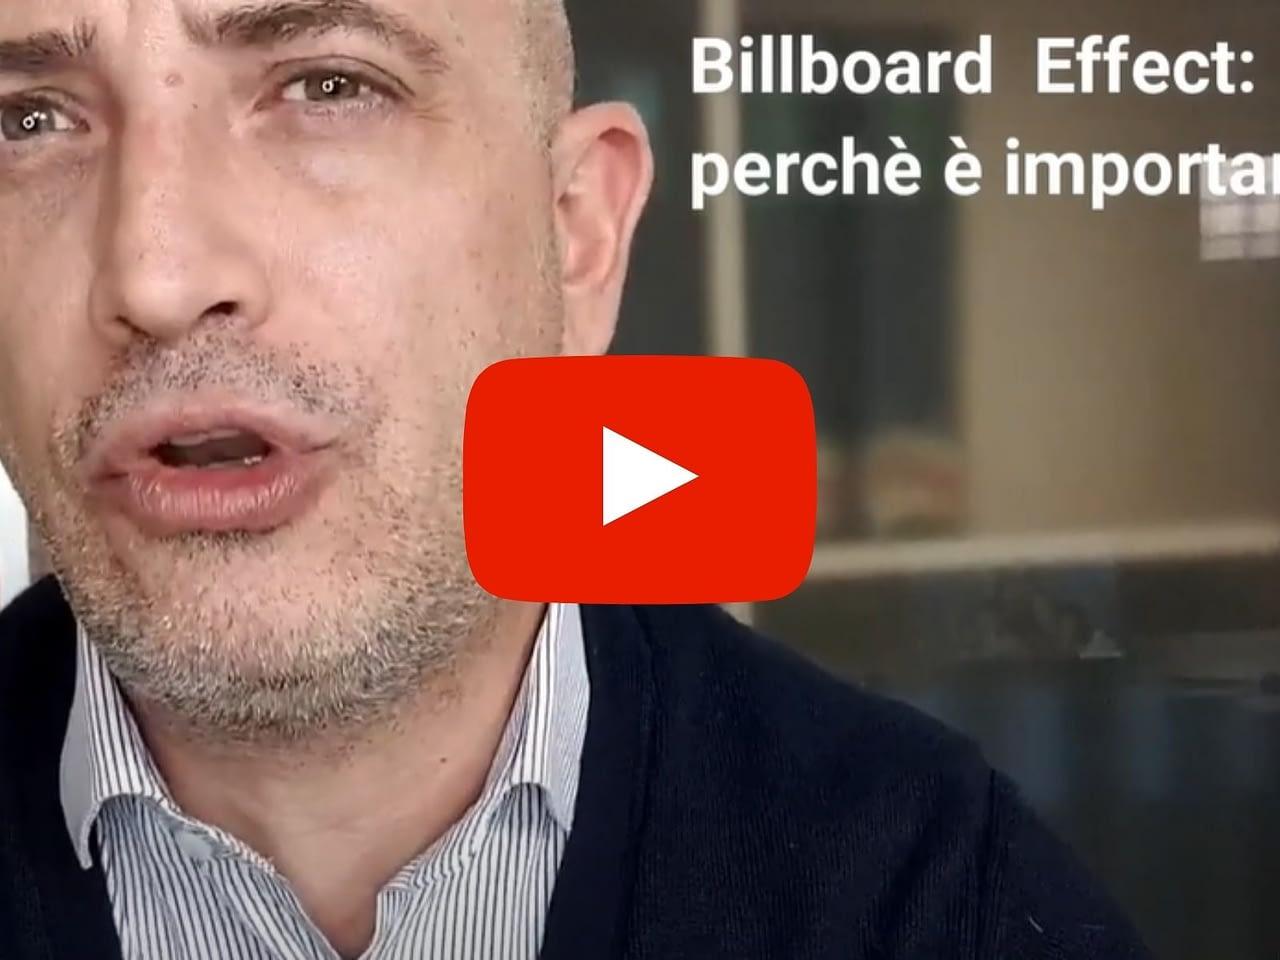 Conosci il Billboard Effect?